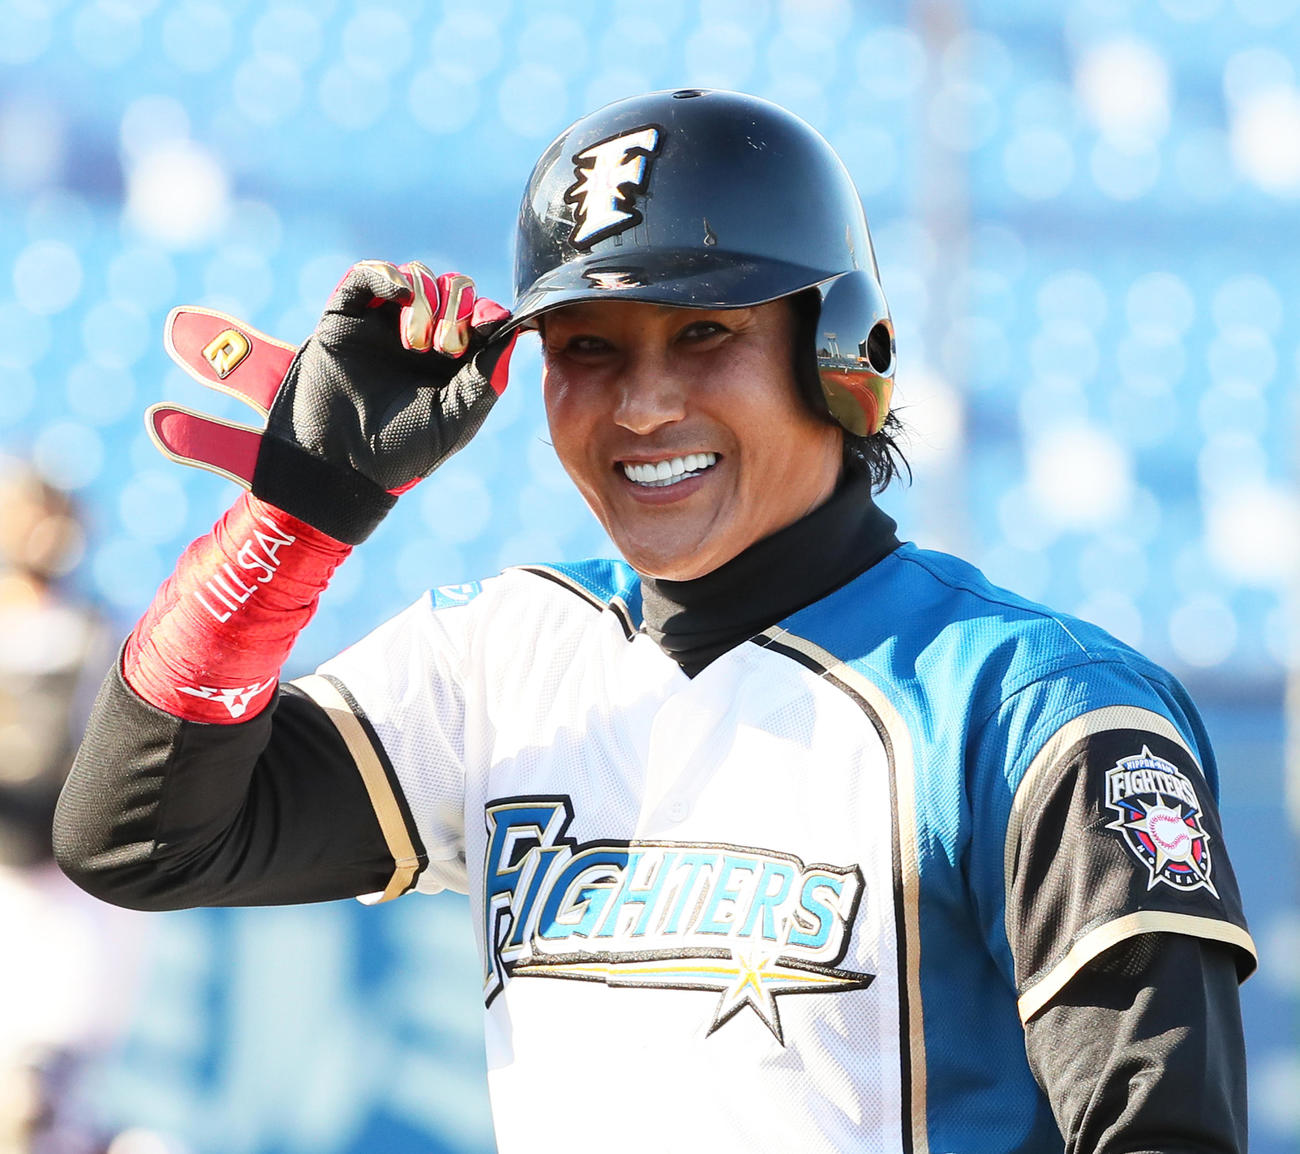 トライアウトの第4打席、左前打を放ち笑顔を見せる新庄氏(2020年12月7日撮影)